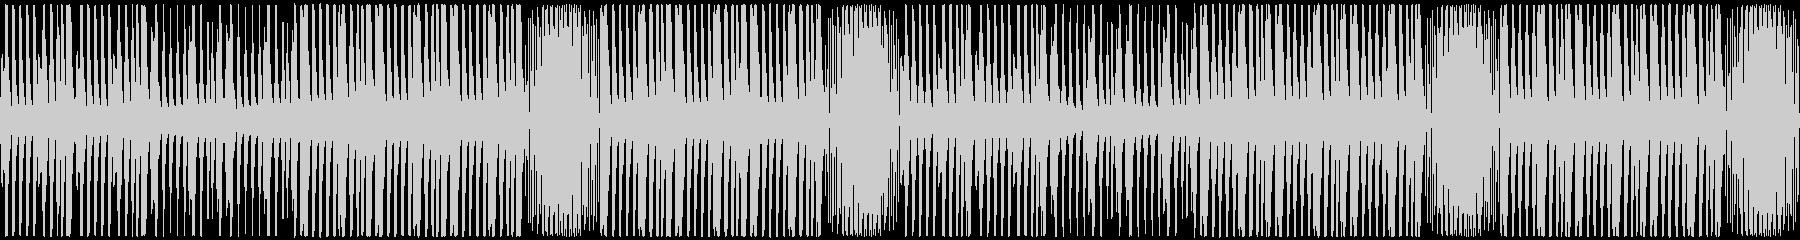 【緊迫感のあるピアノポップス】の未再生の波形